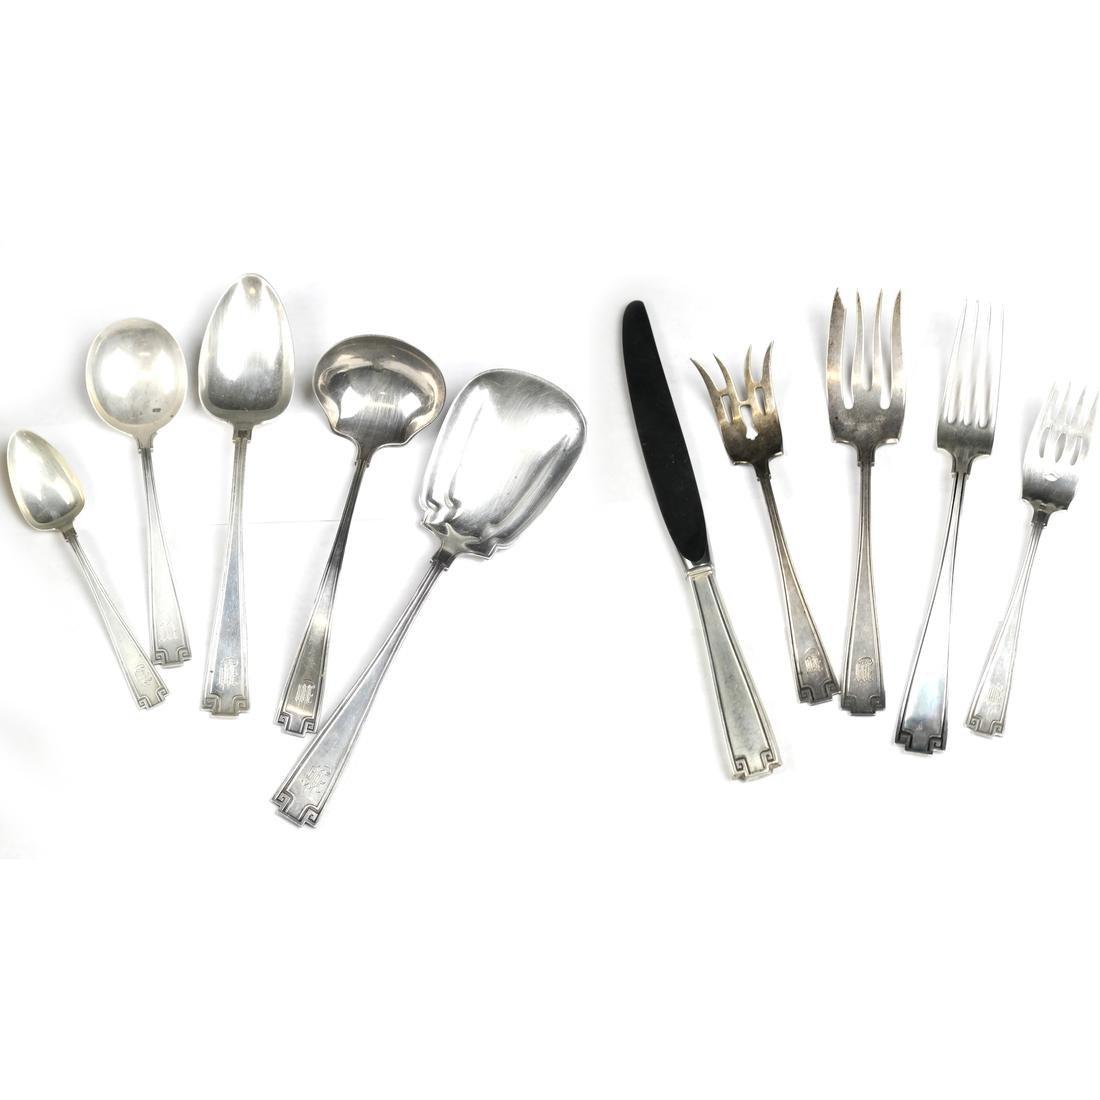 Gorham 114 Piece Silver Flatware Service